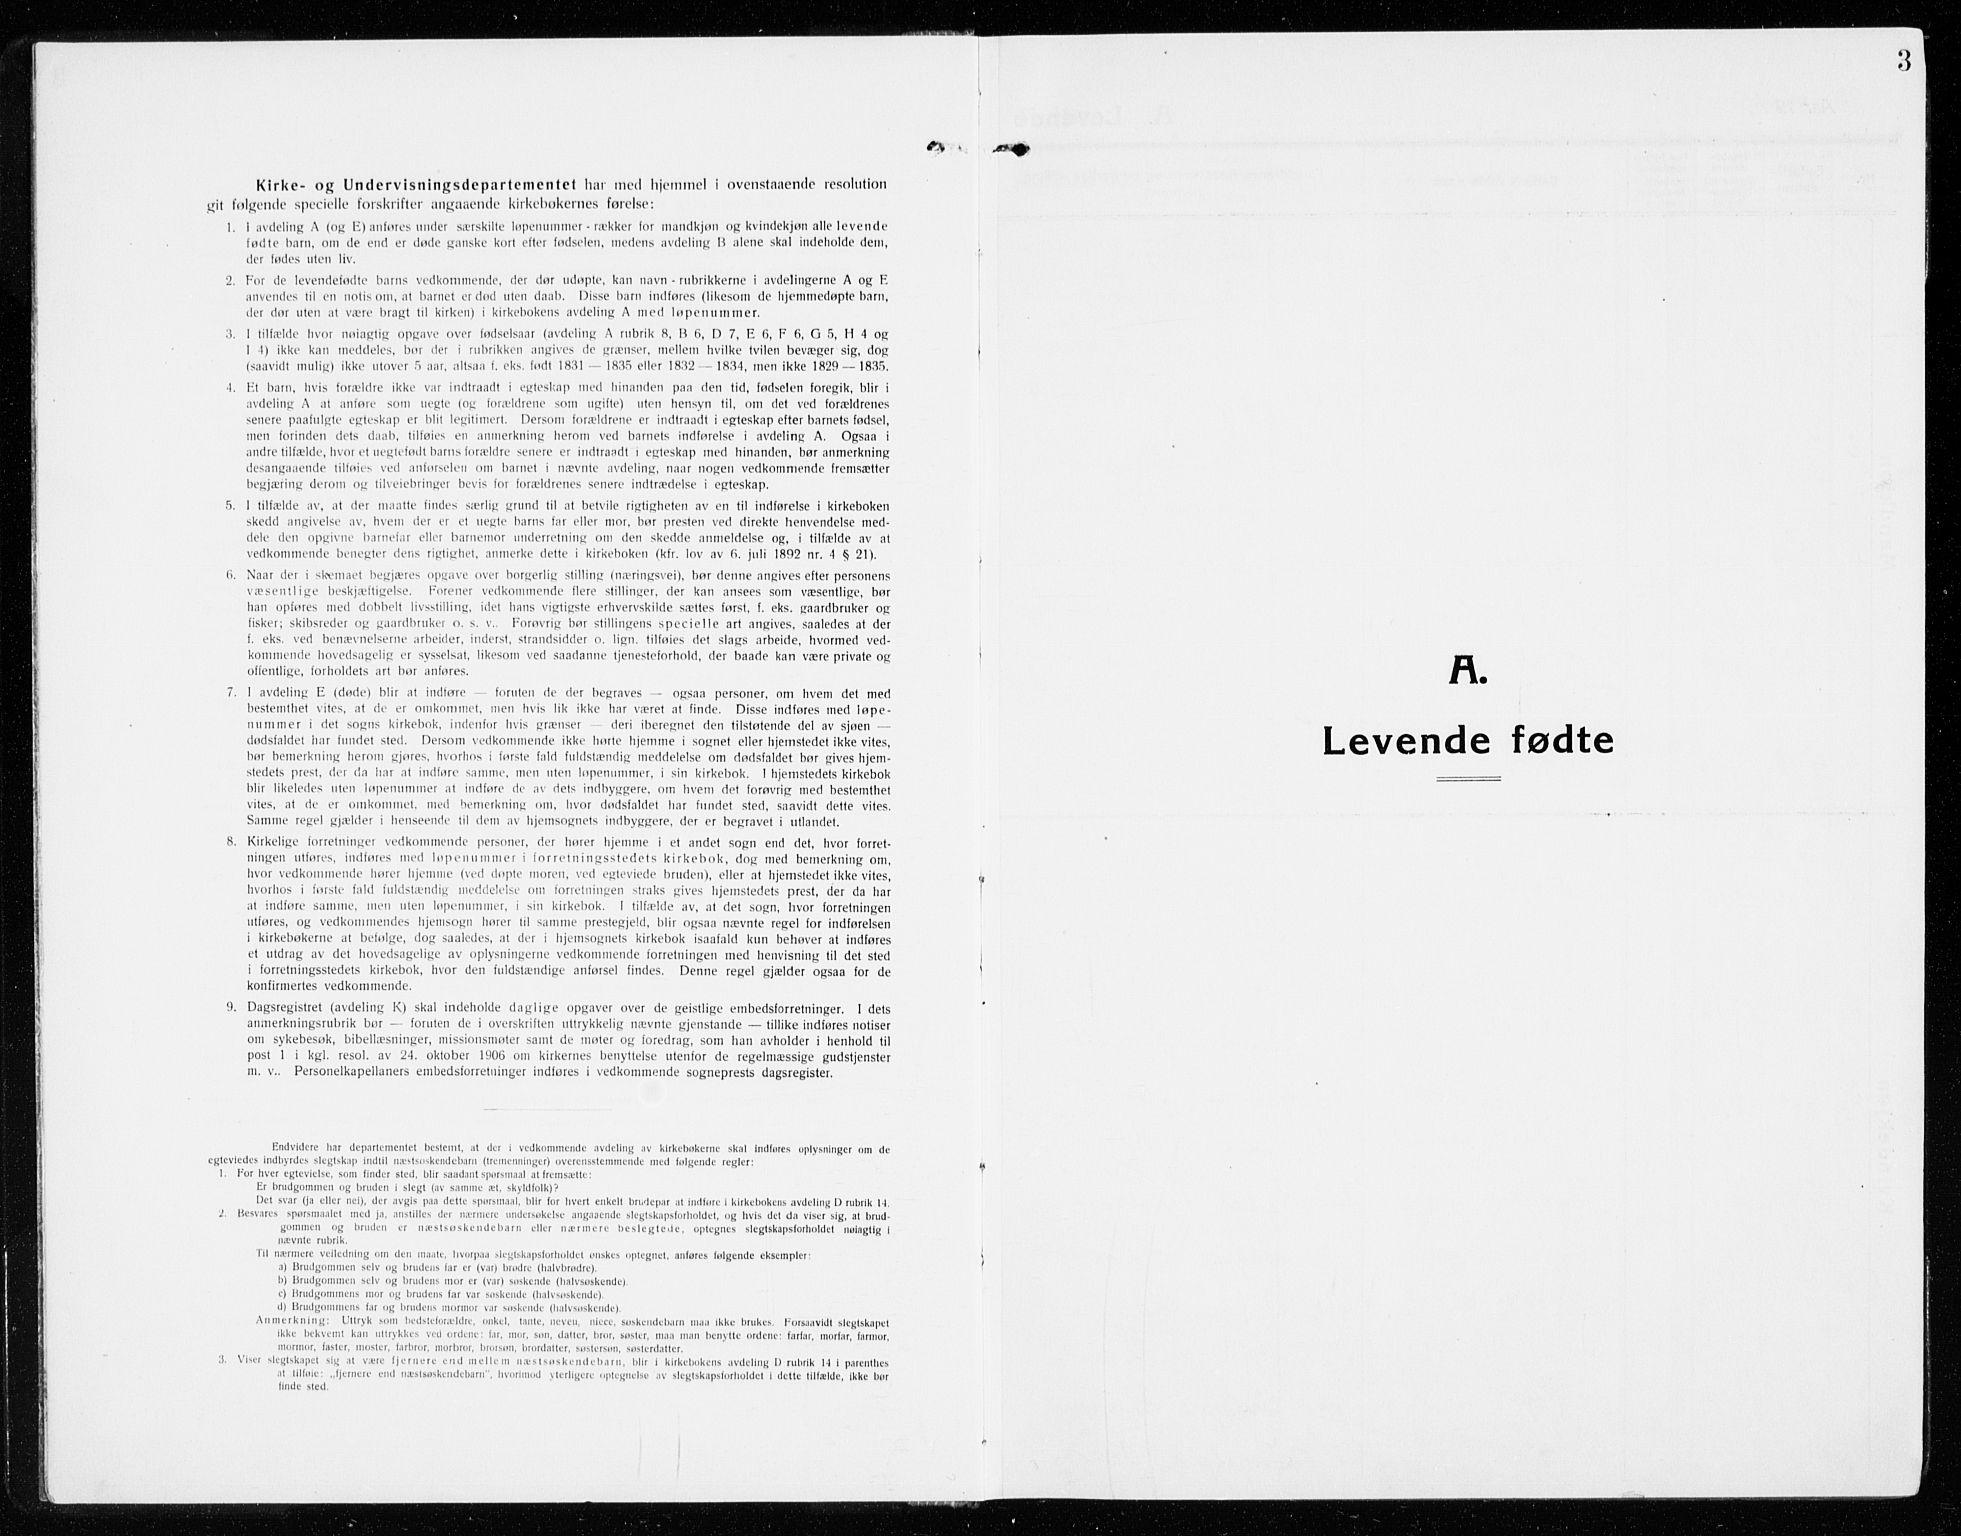 SAKO, Gol kirkebøker, G/Ga/L0004: Klokkerbok nr. I 4, 1915-1943, s. 3